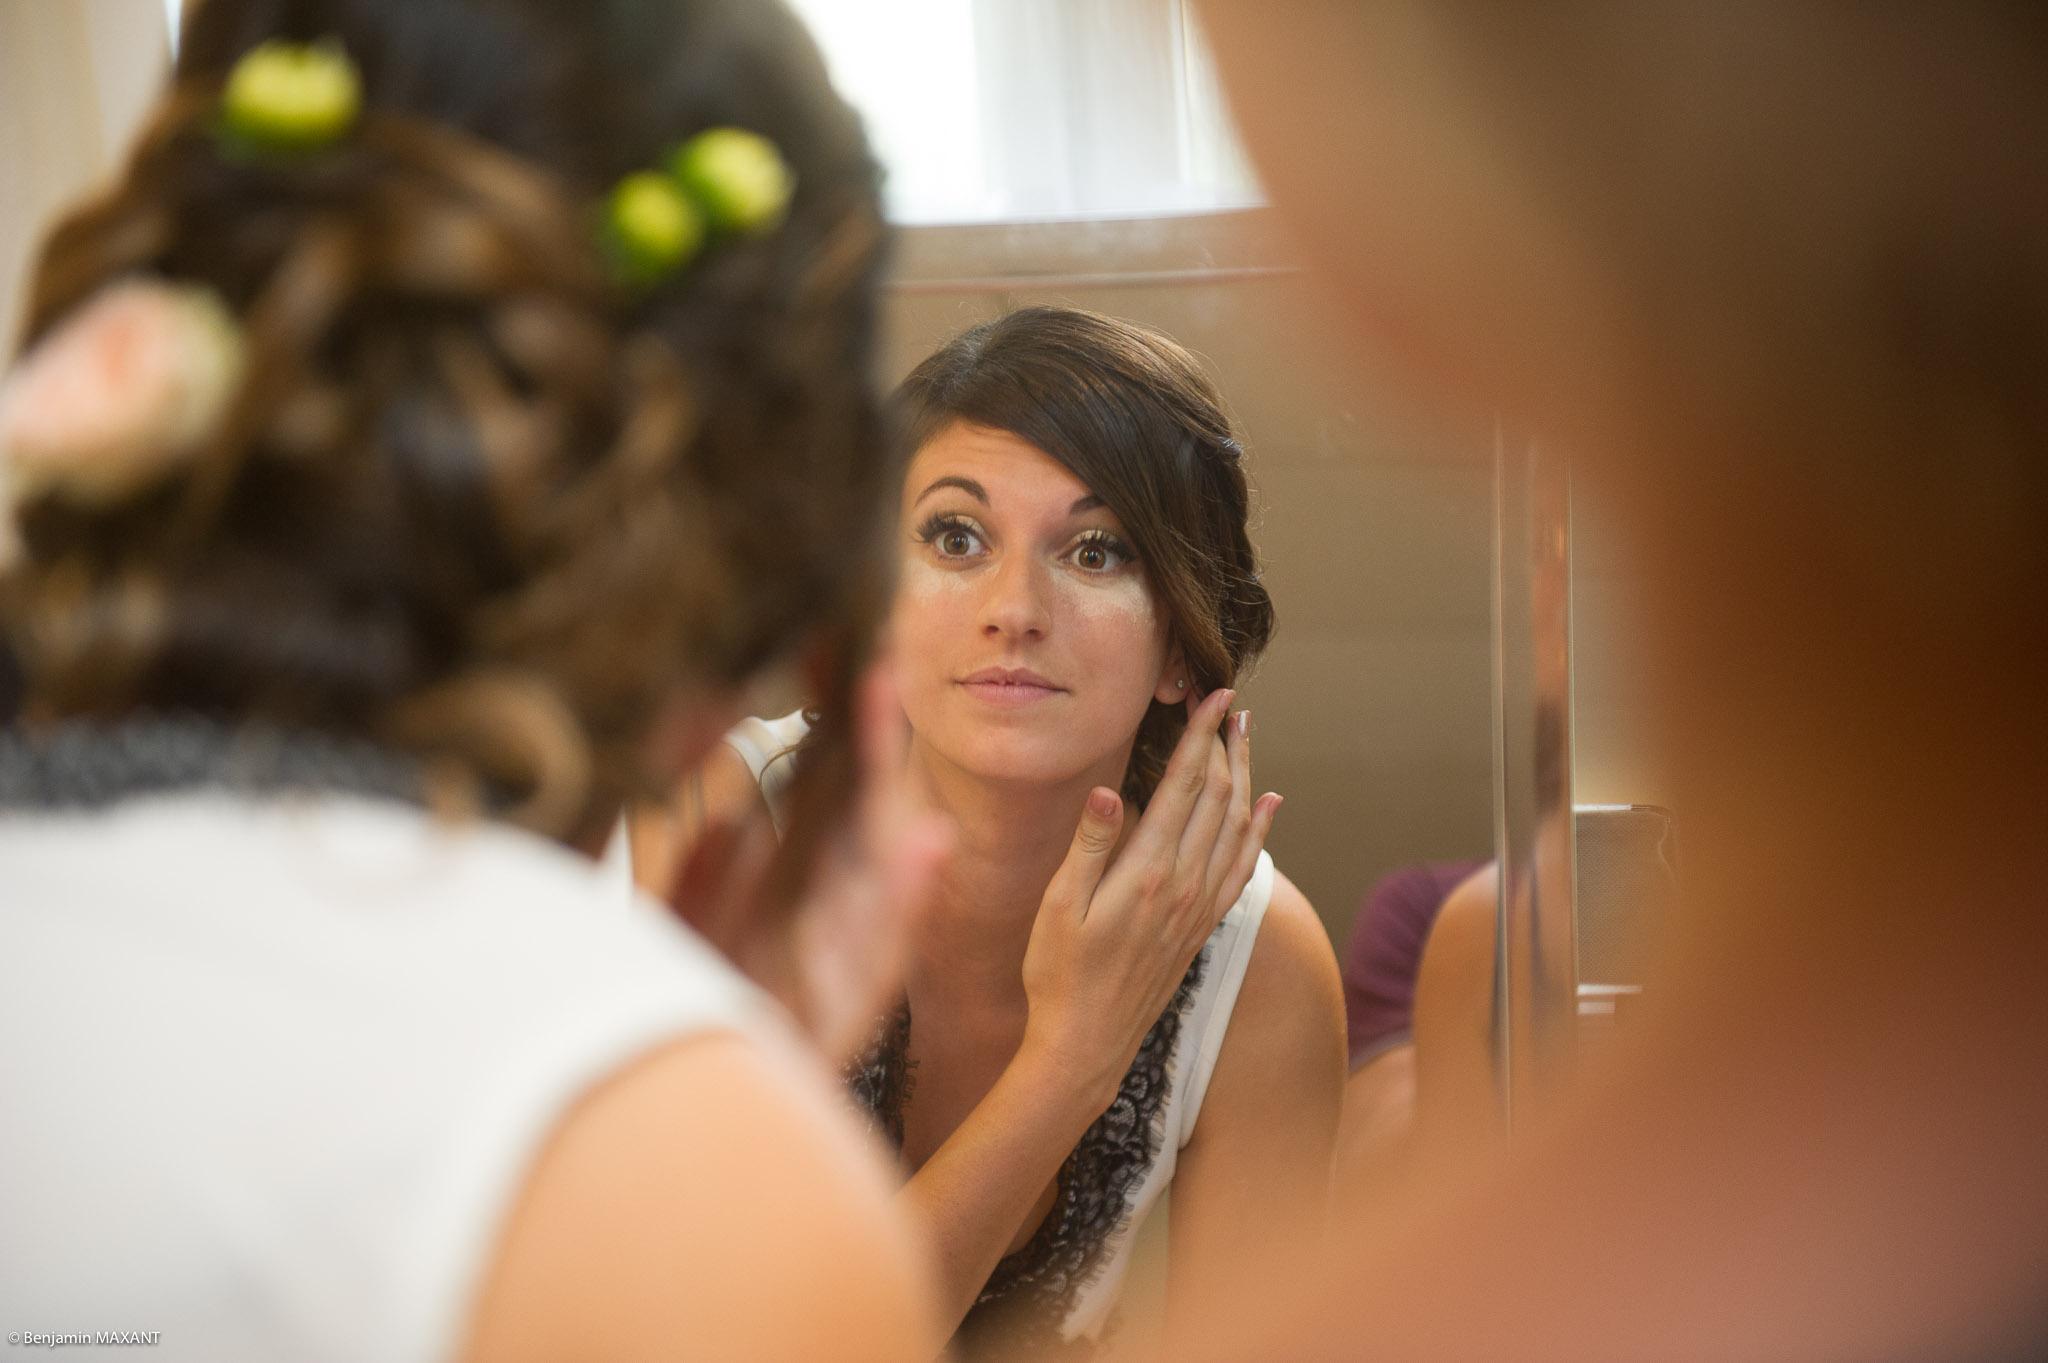 Préparation de Julie la mariée : vérification du maquillage devant le miroir